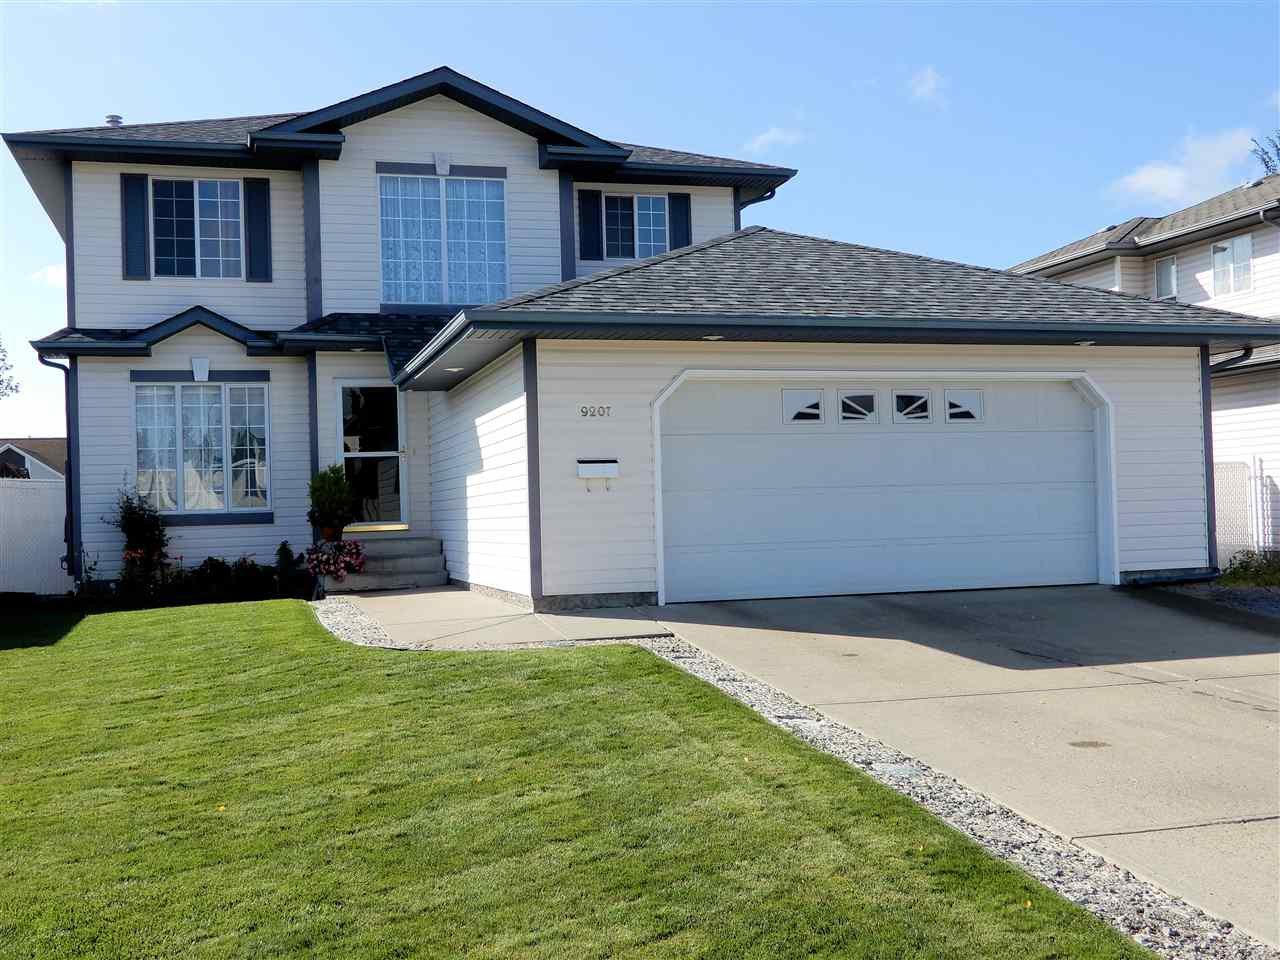 Main Photo: 9207 97 Avenue: Morinville House for sale : MLS®# E4172202